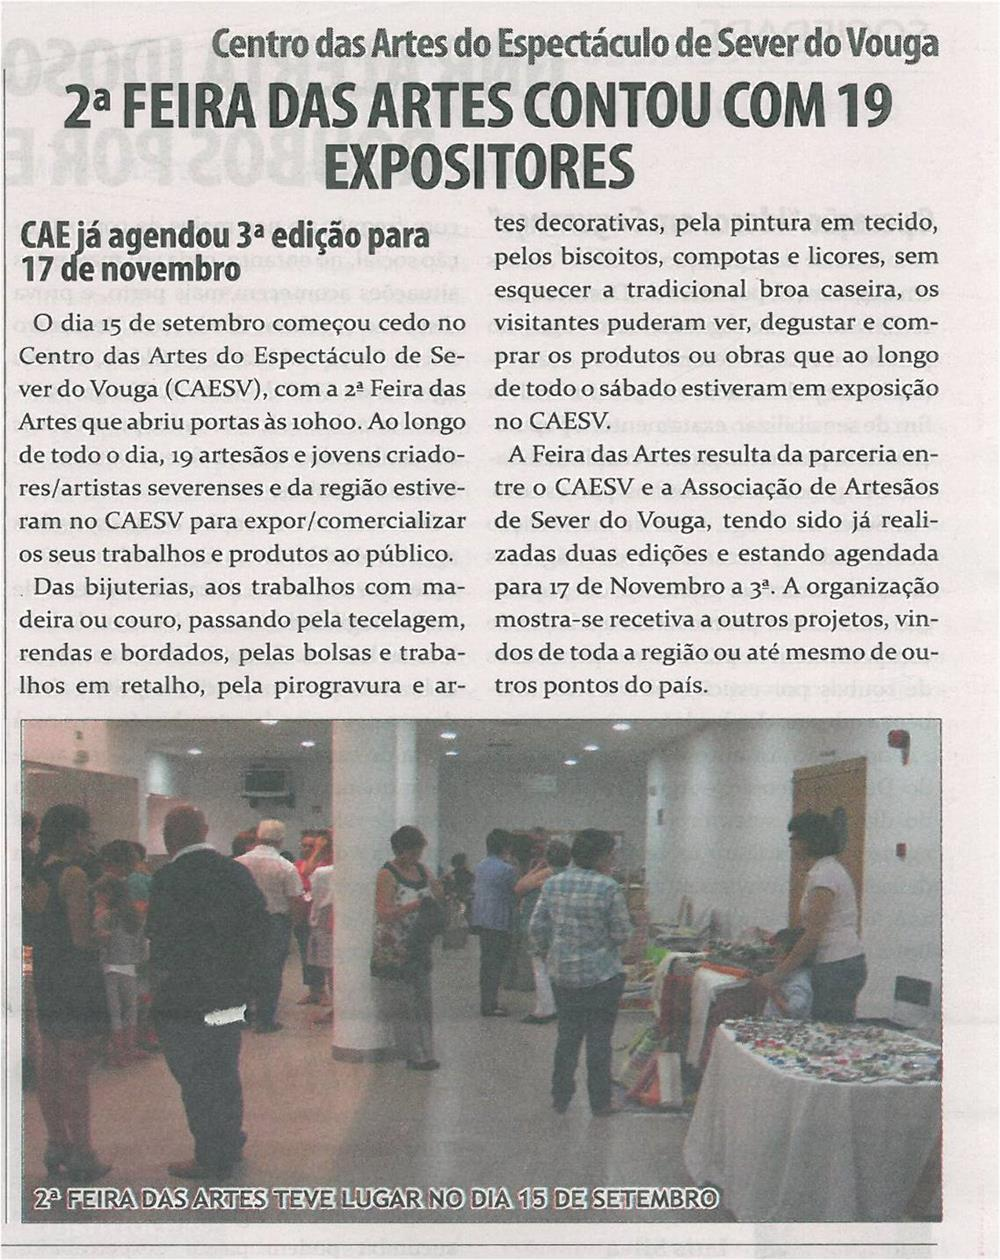 TV-out12-p9-2ª Feira das Artes contou com 19 expositores.jpg